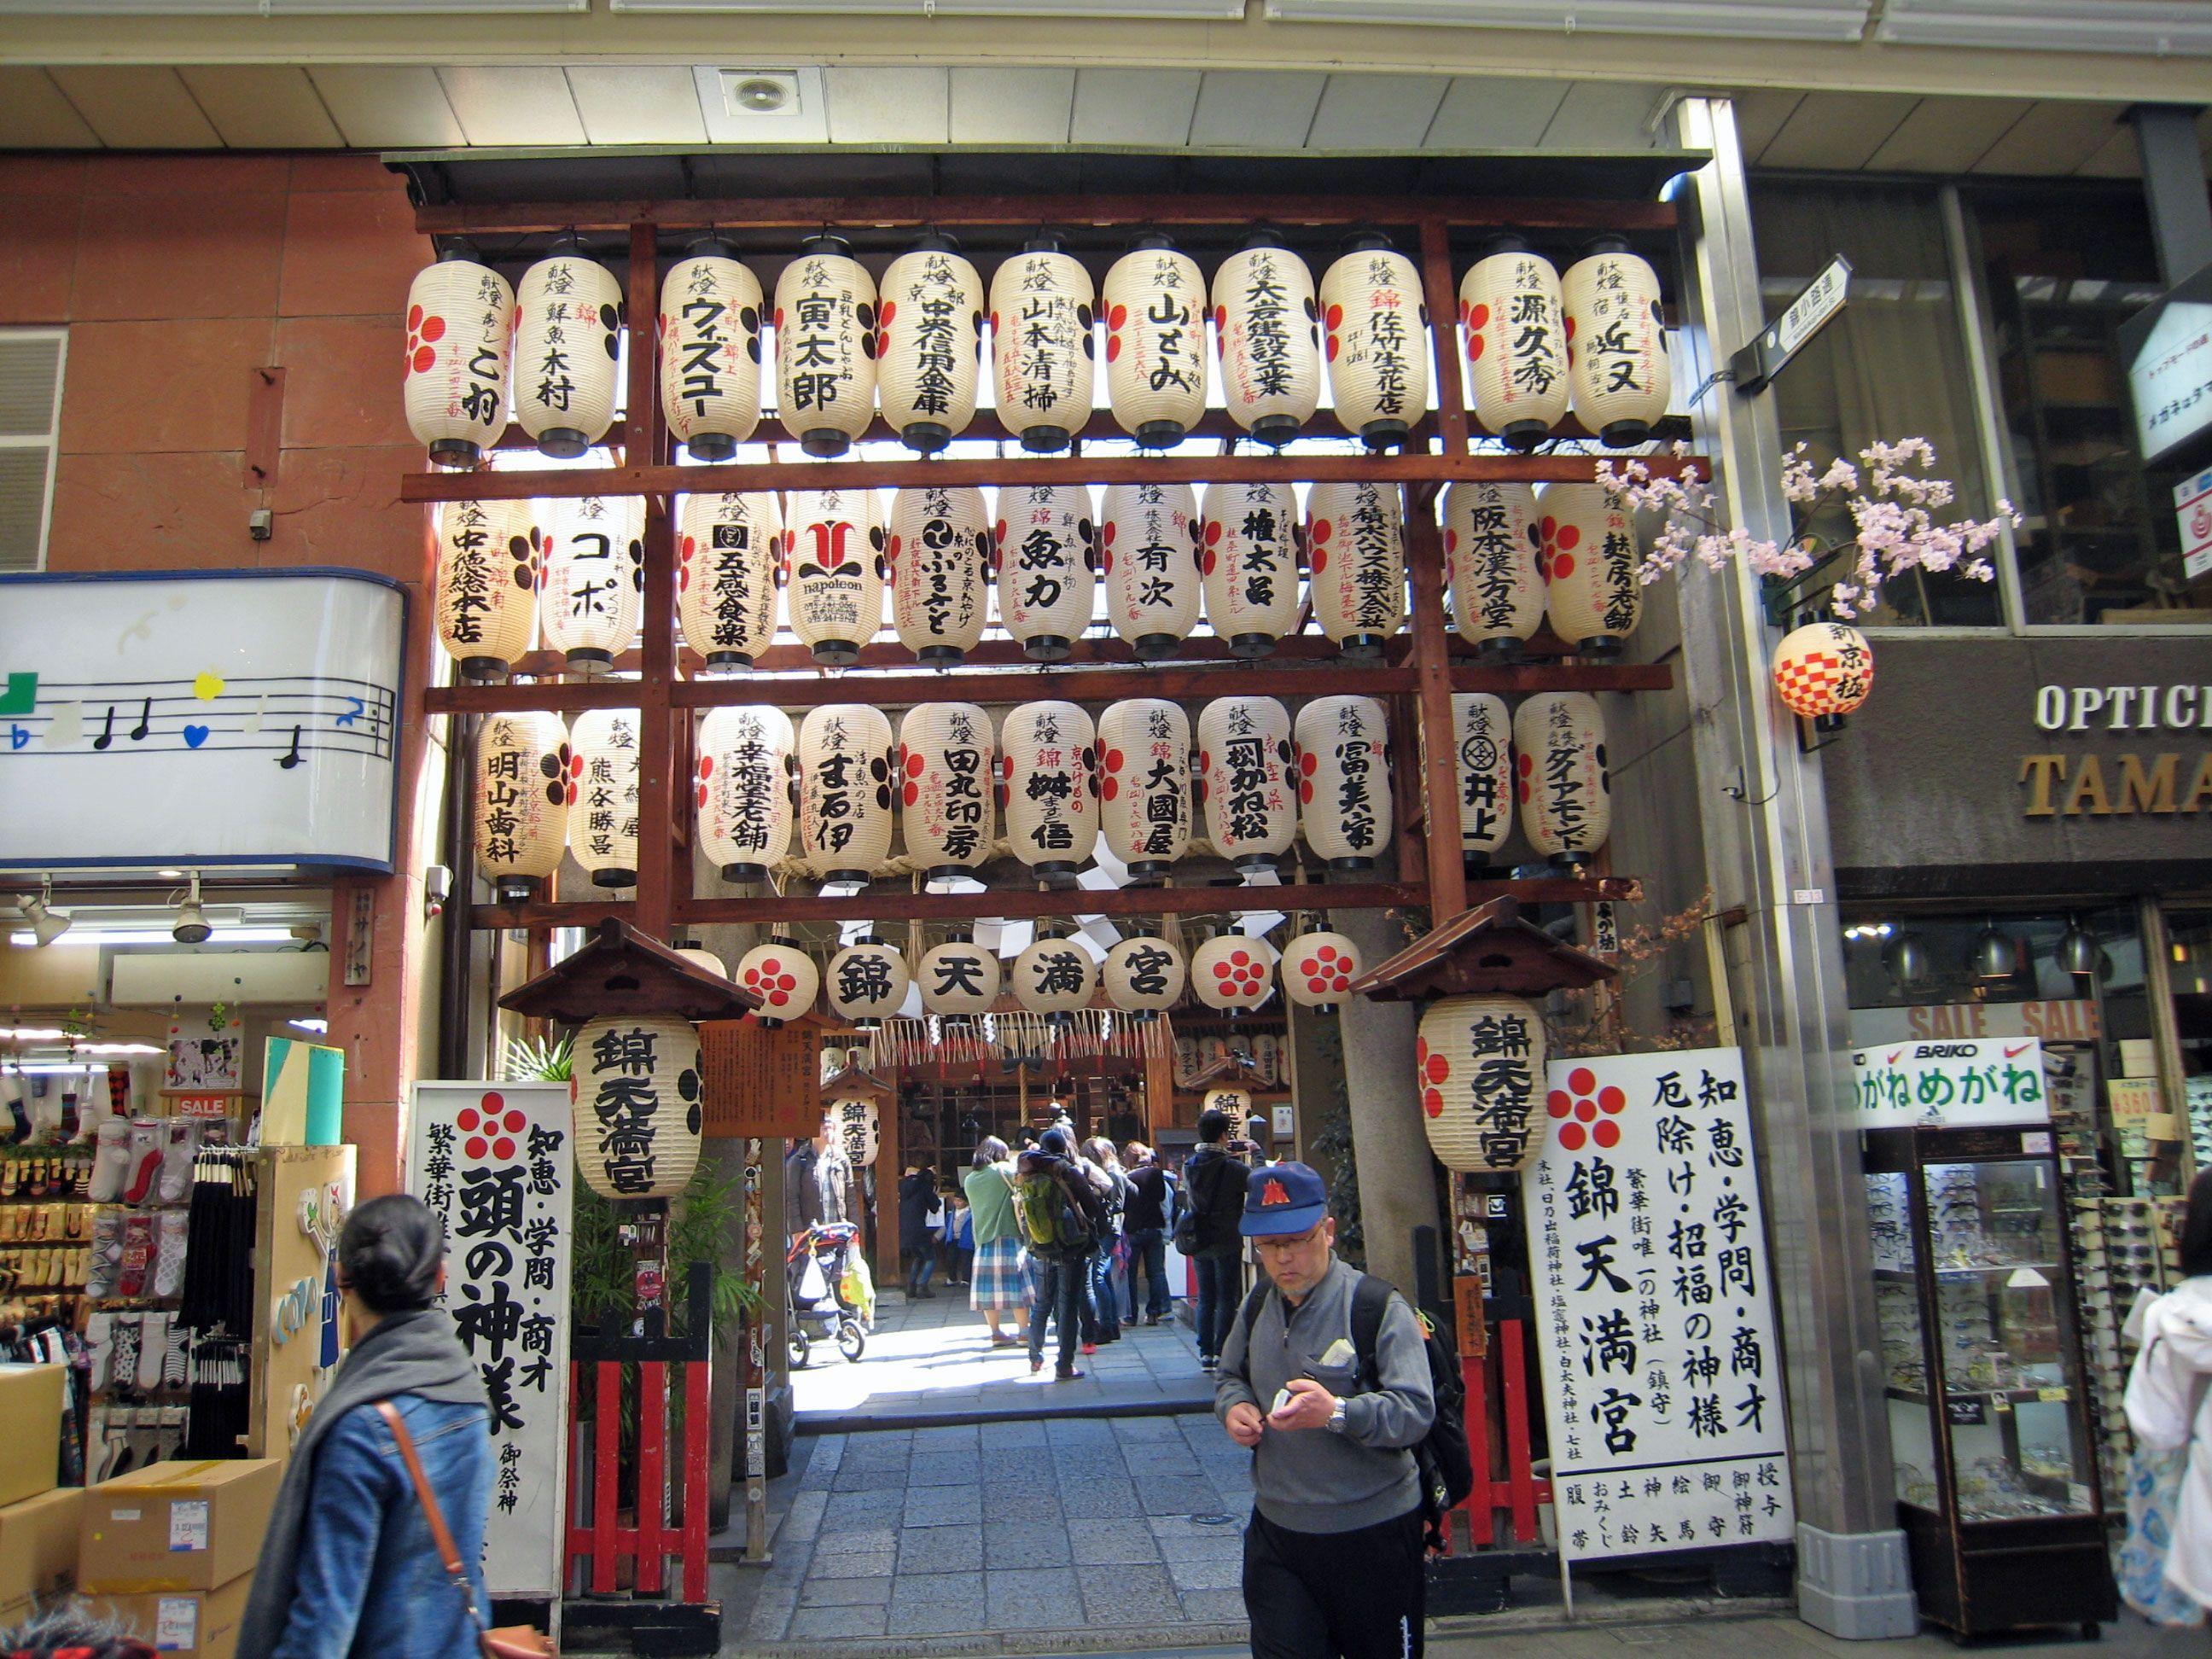 鳥居の両端がビルの中にめり込んでいるのと、からくりみくじが有名な錦天満宮。